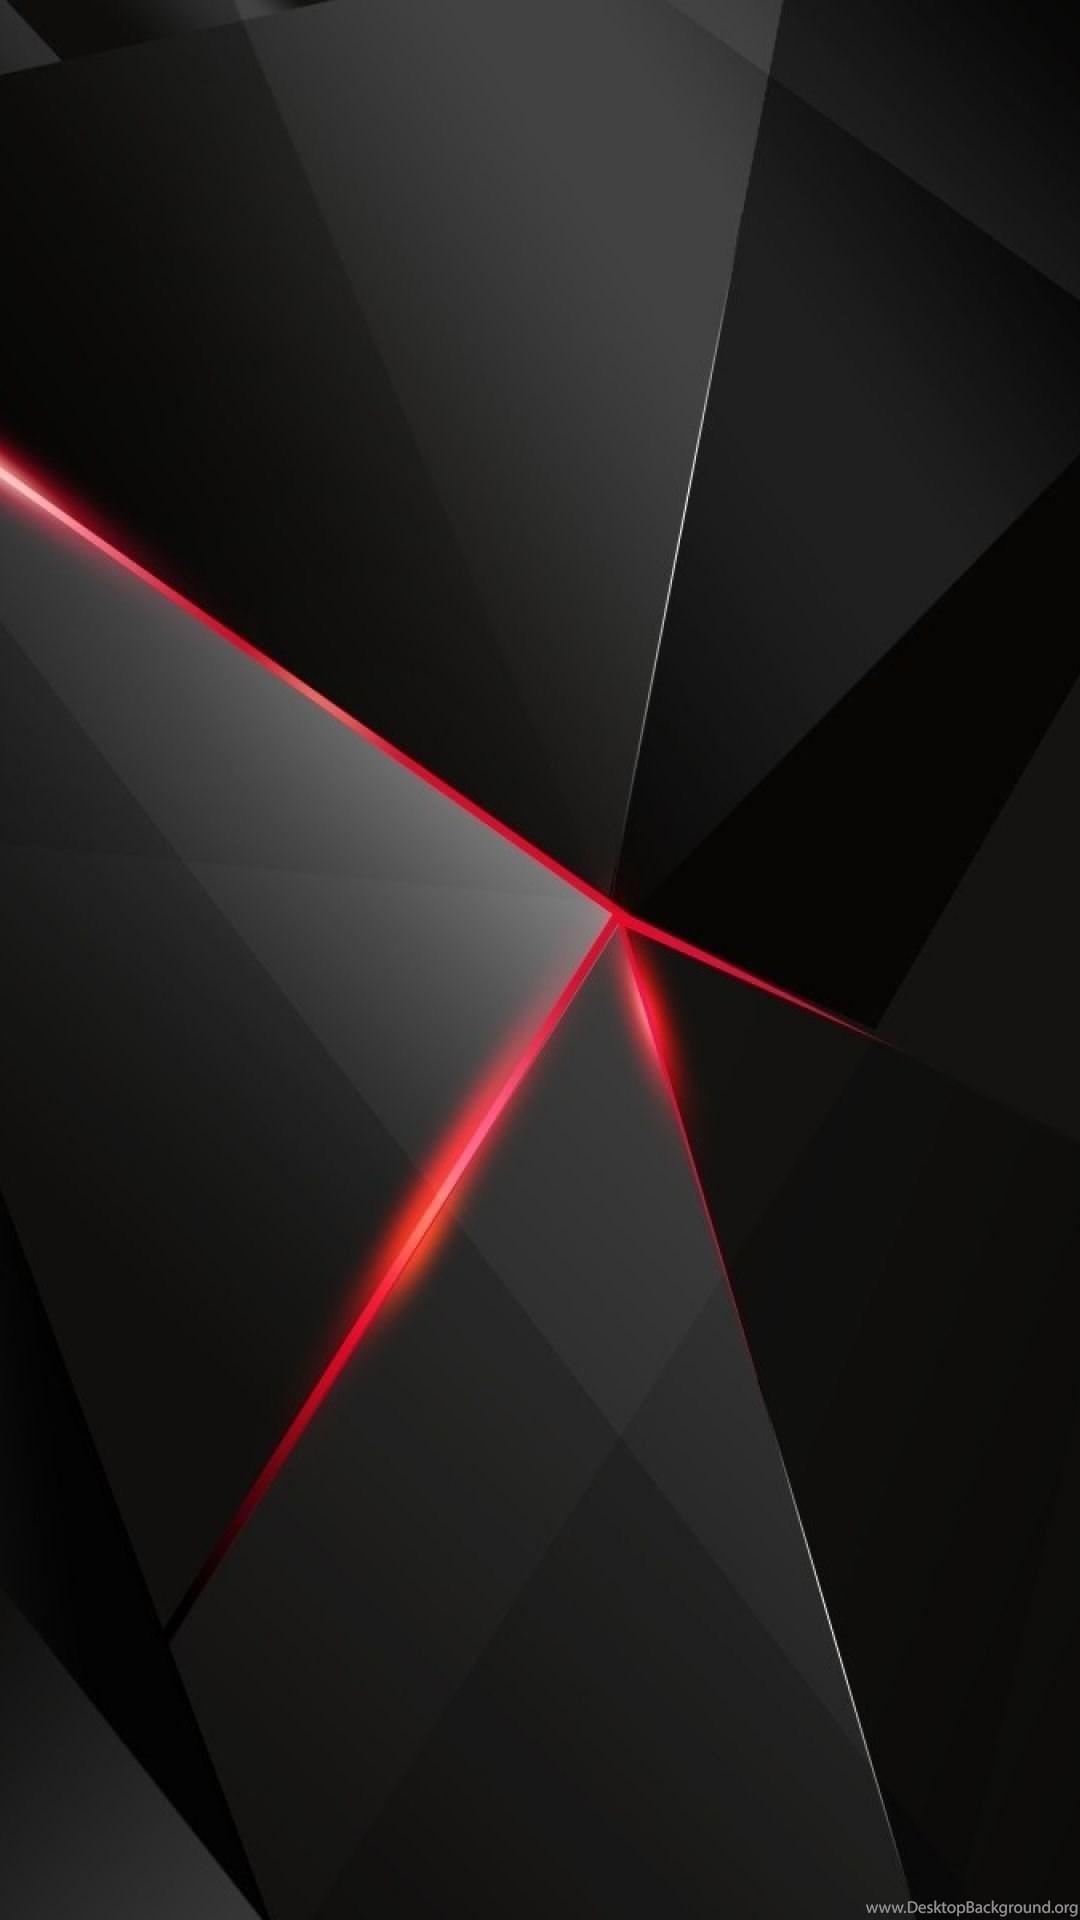 Sony Xperia Z1 Zl Z Samsung Galaxy S4 Htc One Black Wallpapers